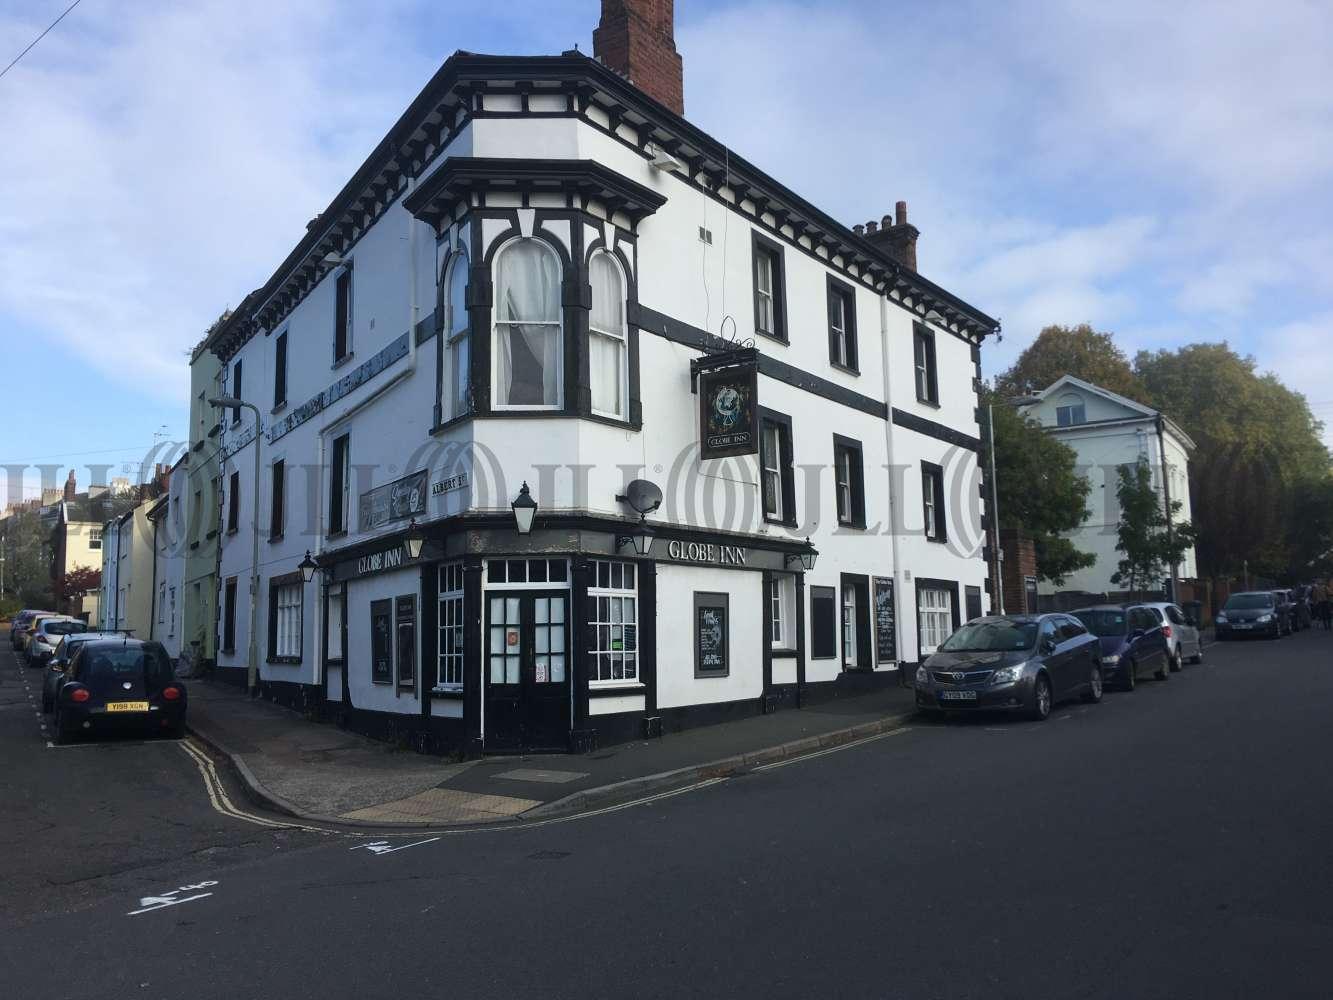 Leisure Exeter, EX1 2BL - The Globe Inn